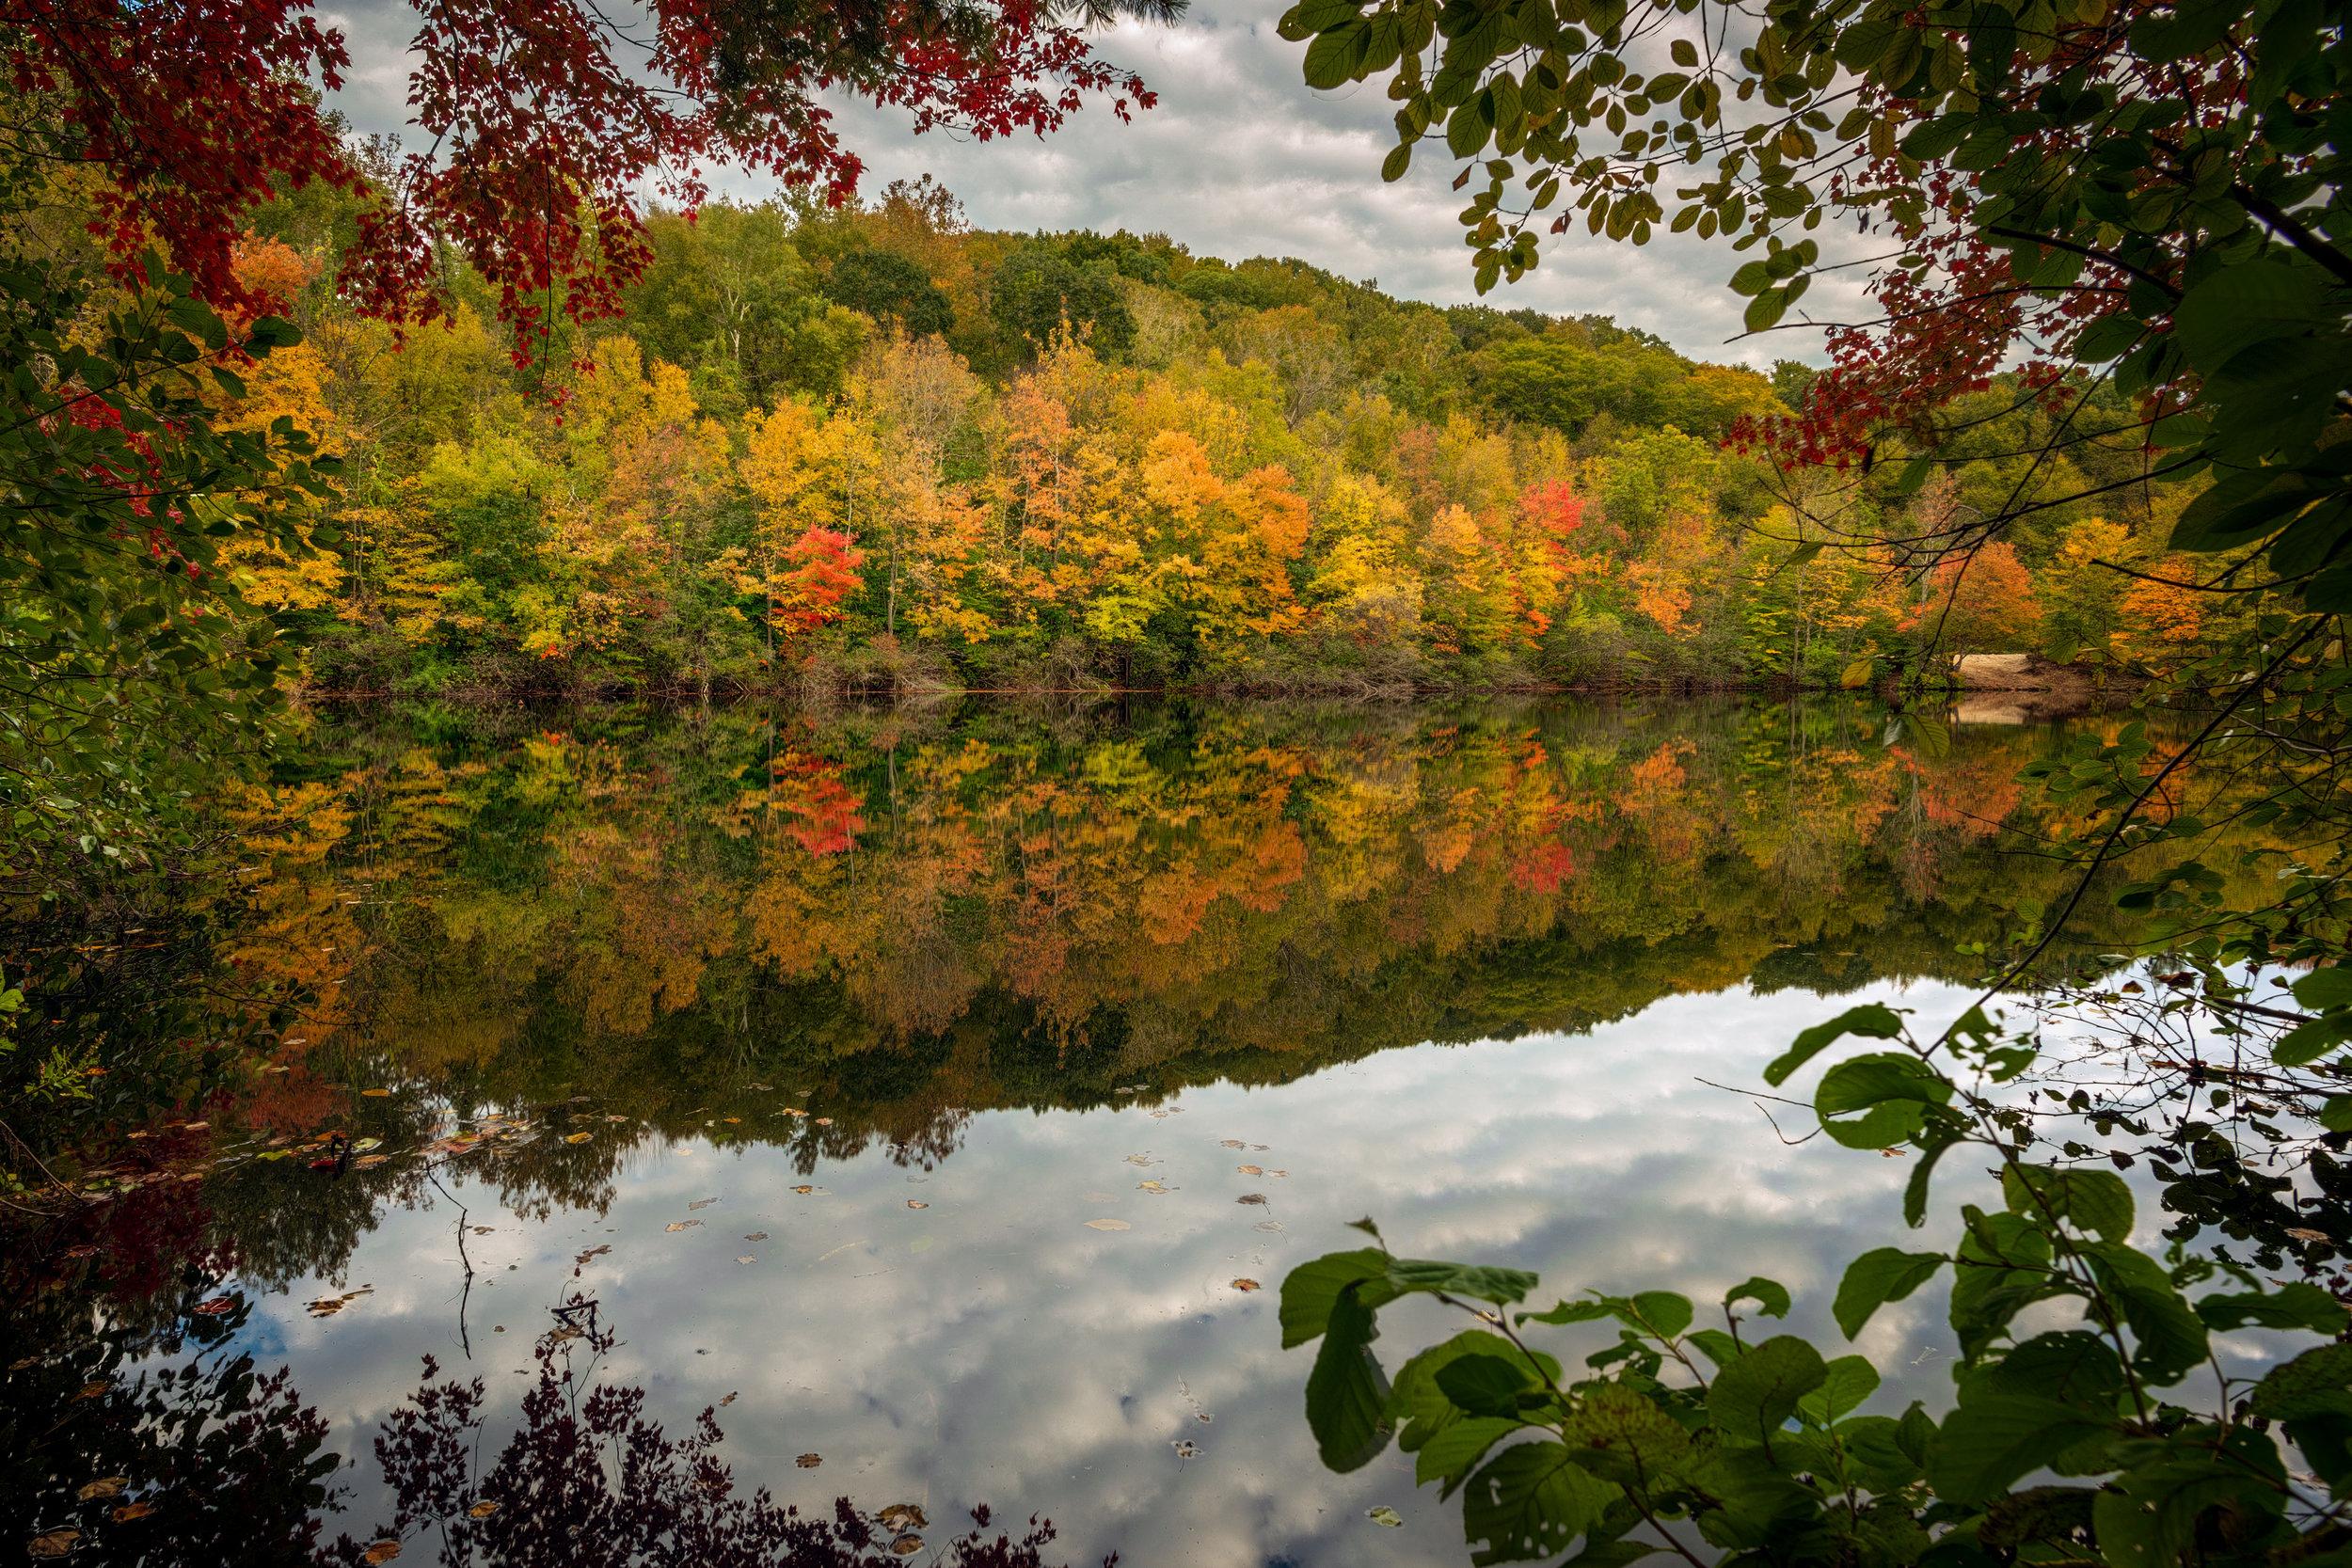 Autumnal Frame of Mind #2